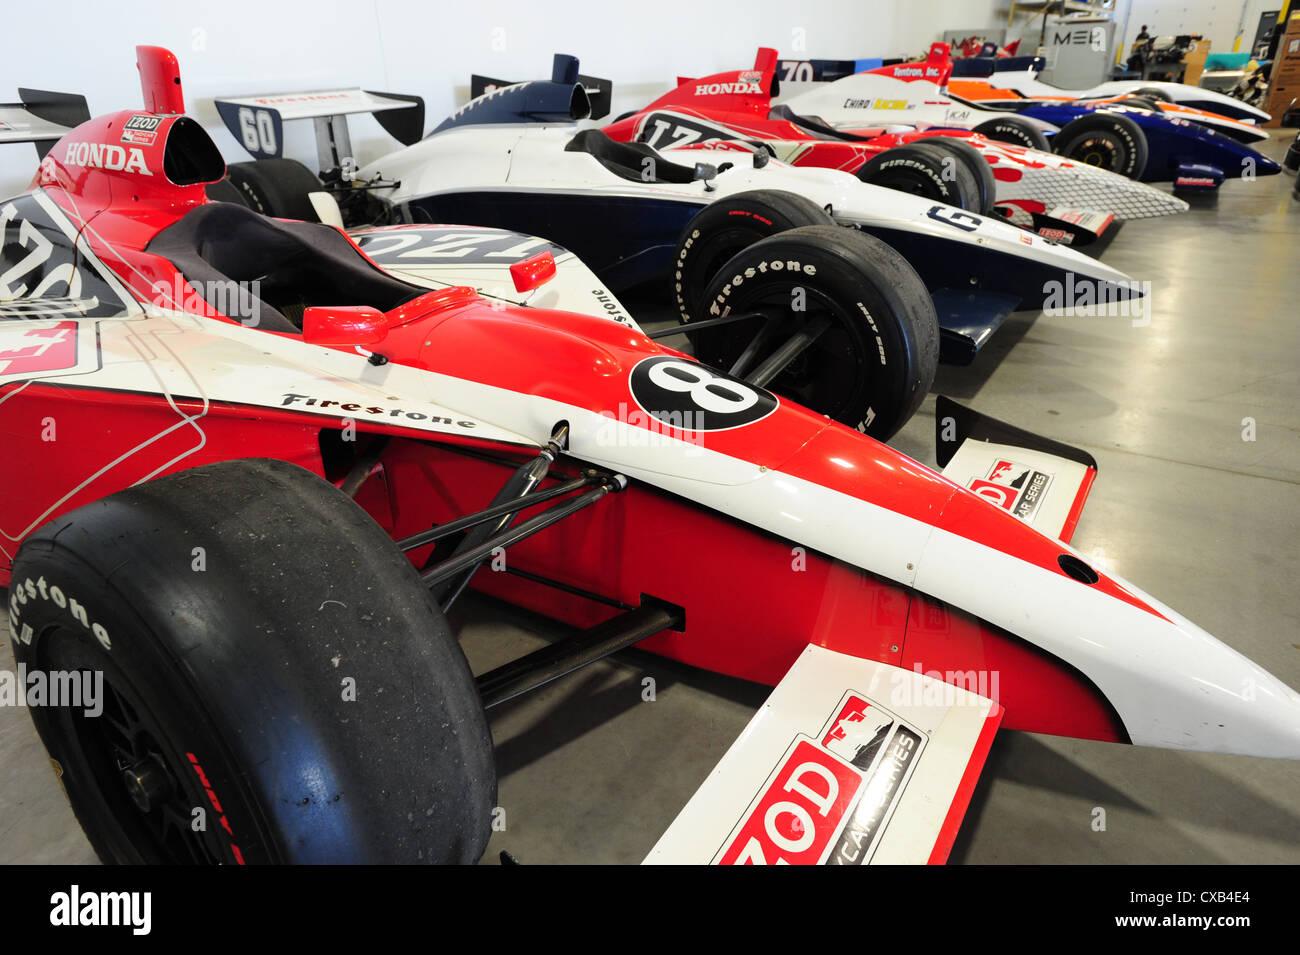 USA Indiana IN Indianapolis Dallara Indy racing car factory and ...